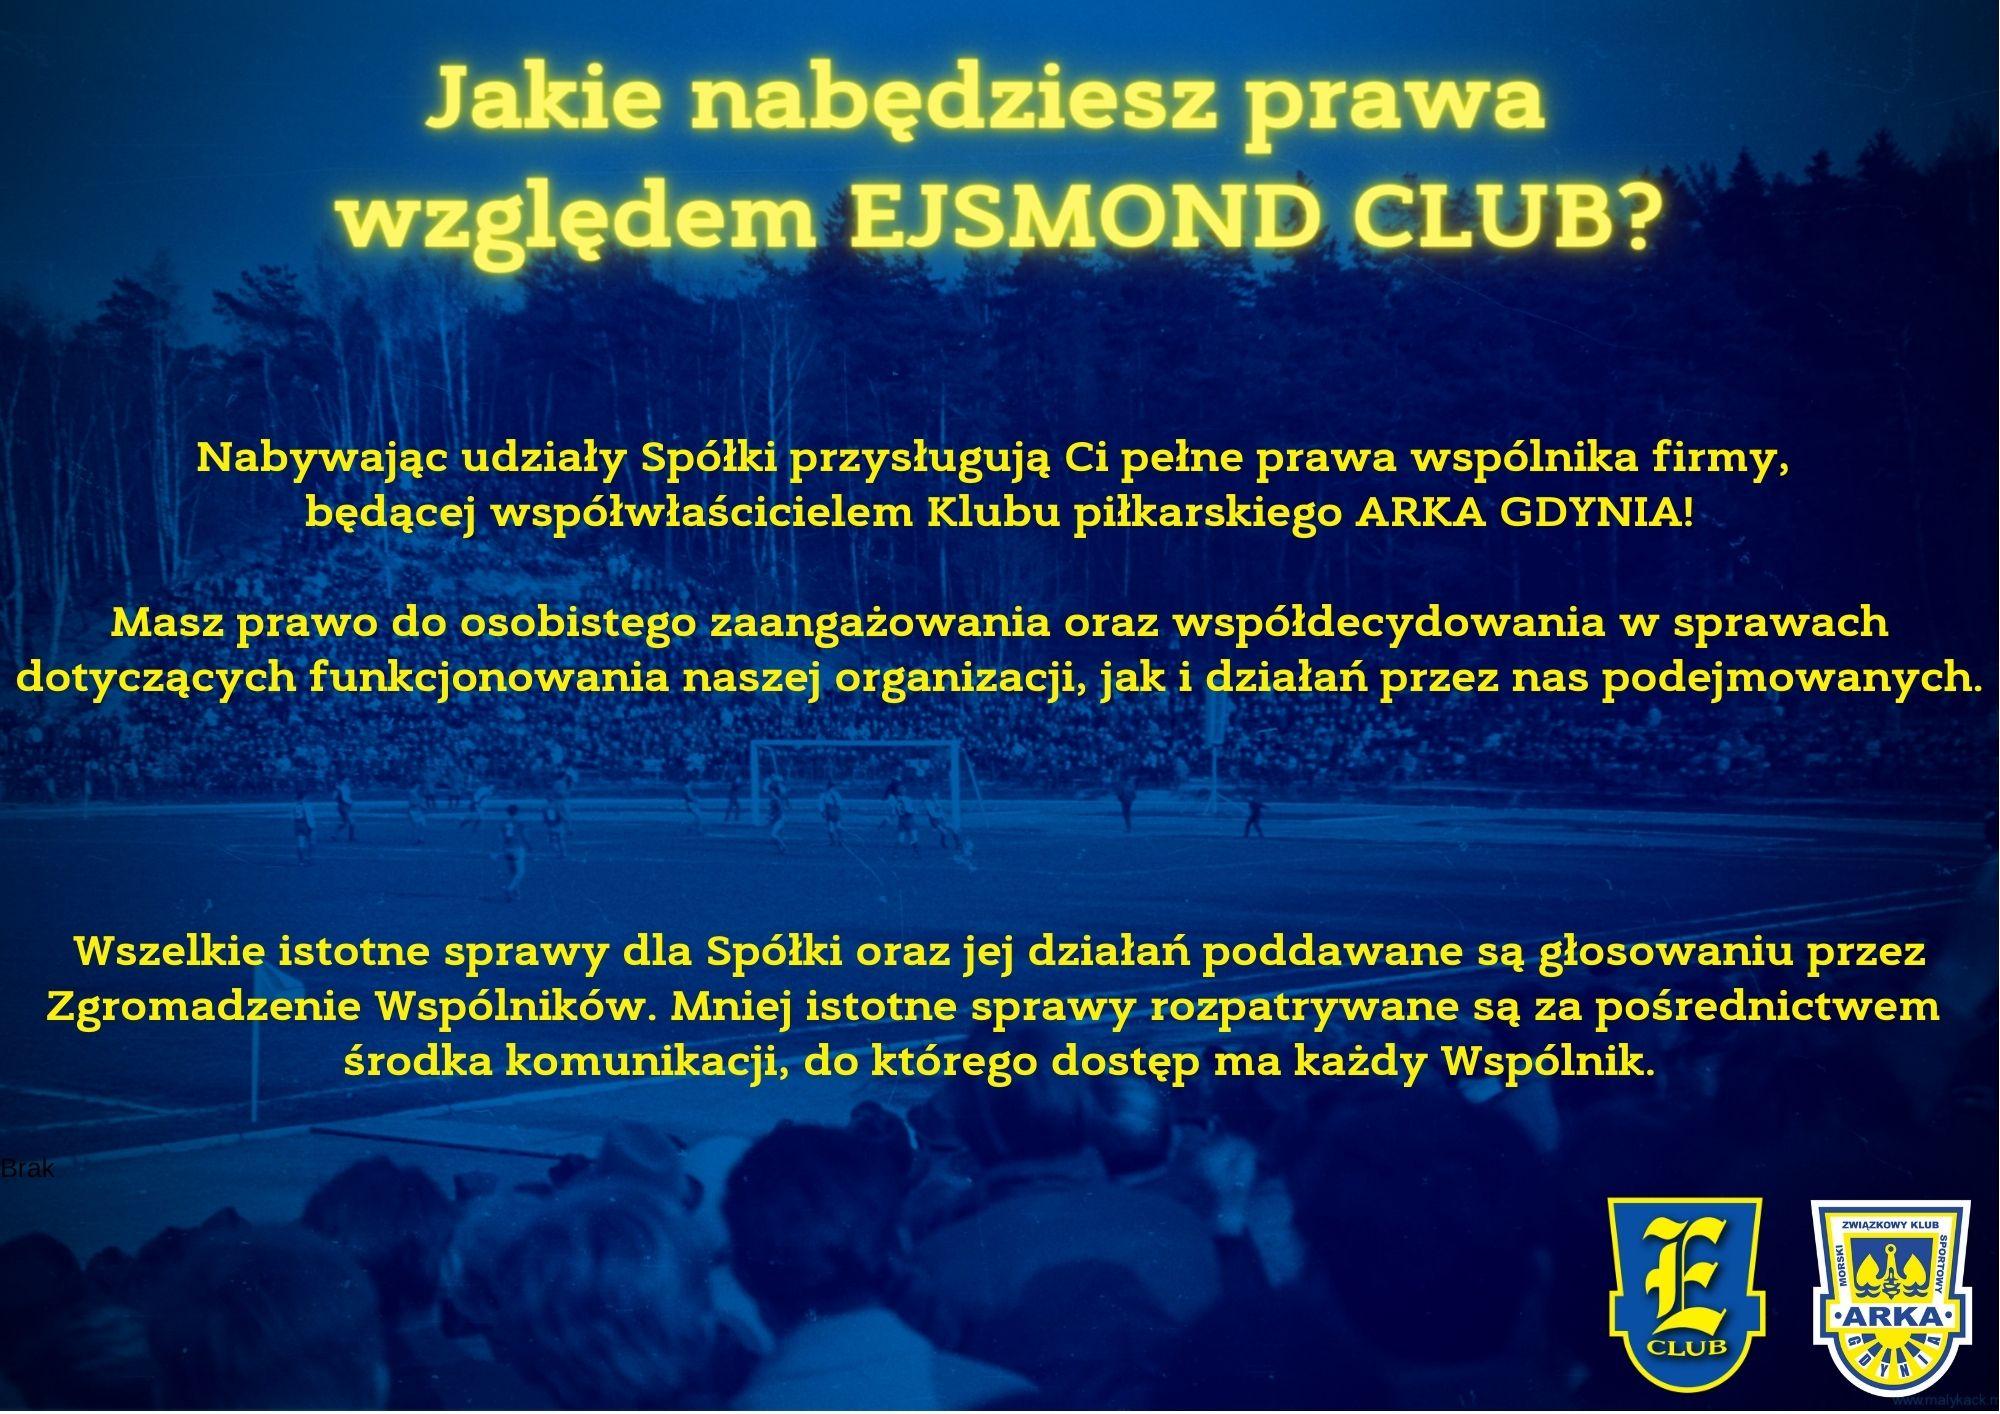 Wspólnik EJSMOND CLUB